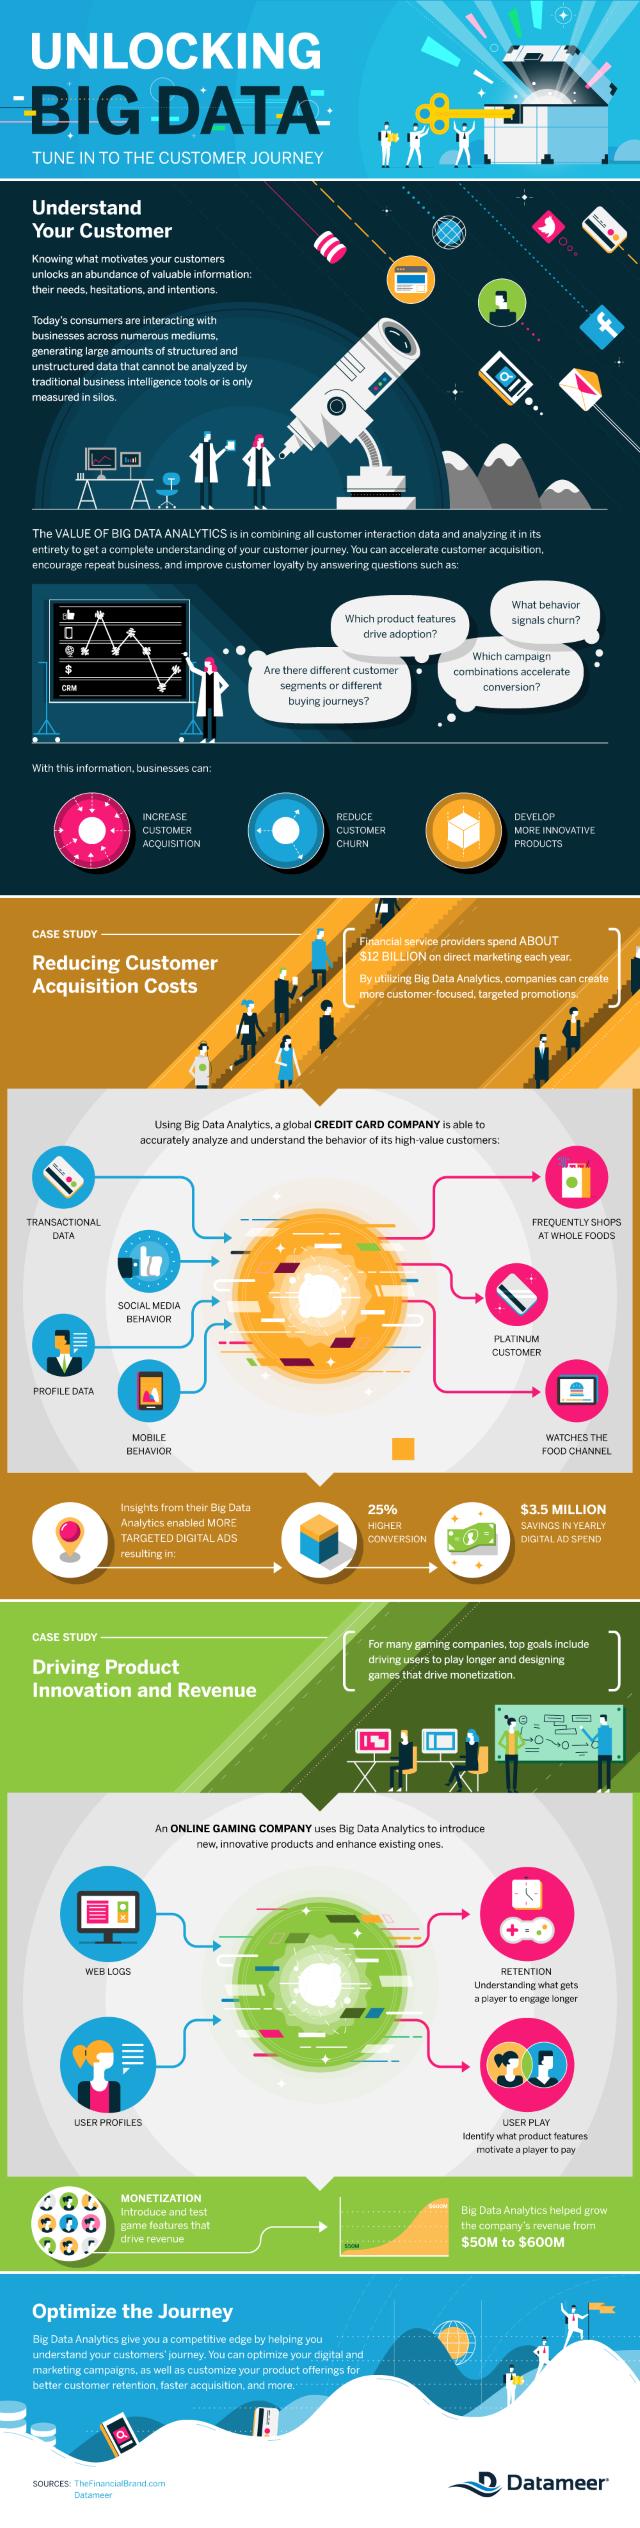 Datameer Customer Journey